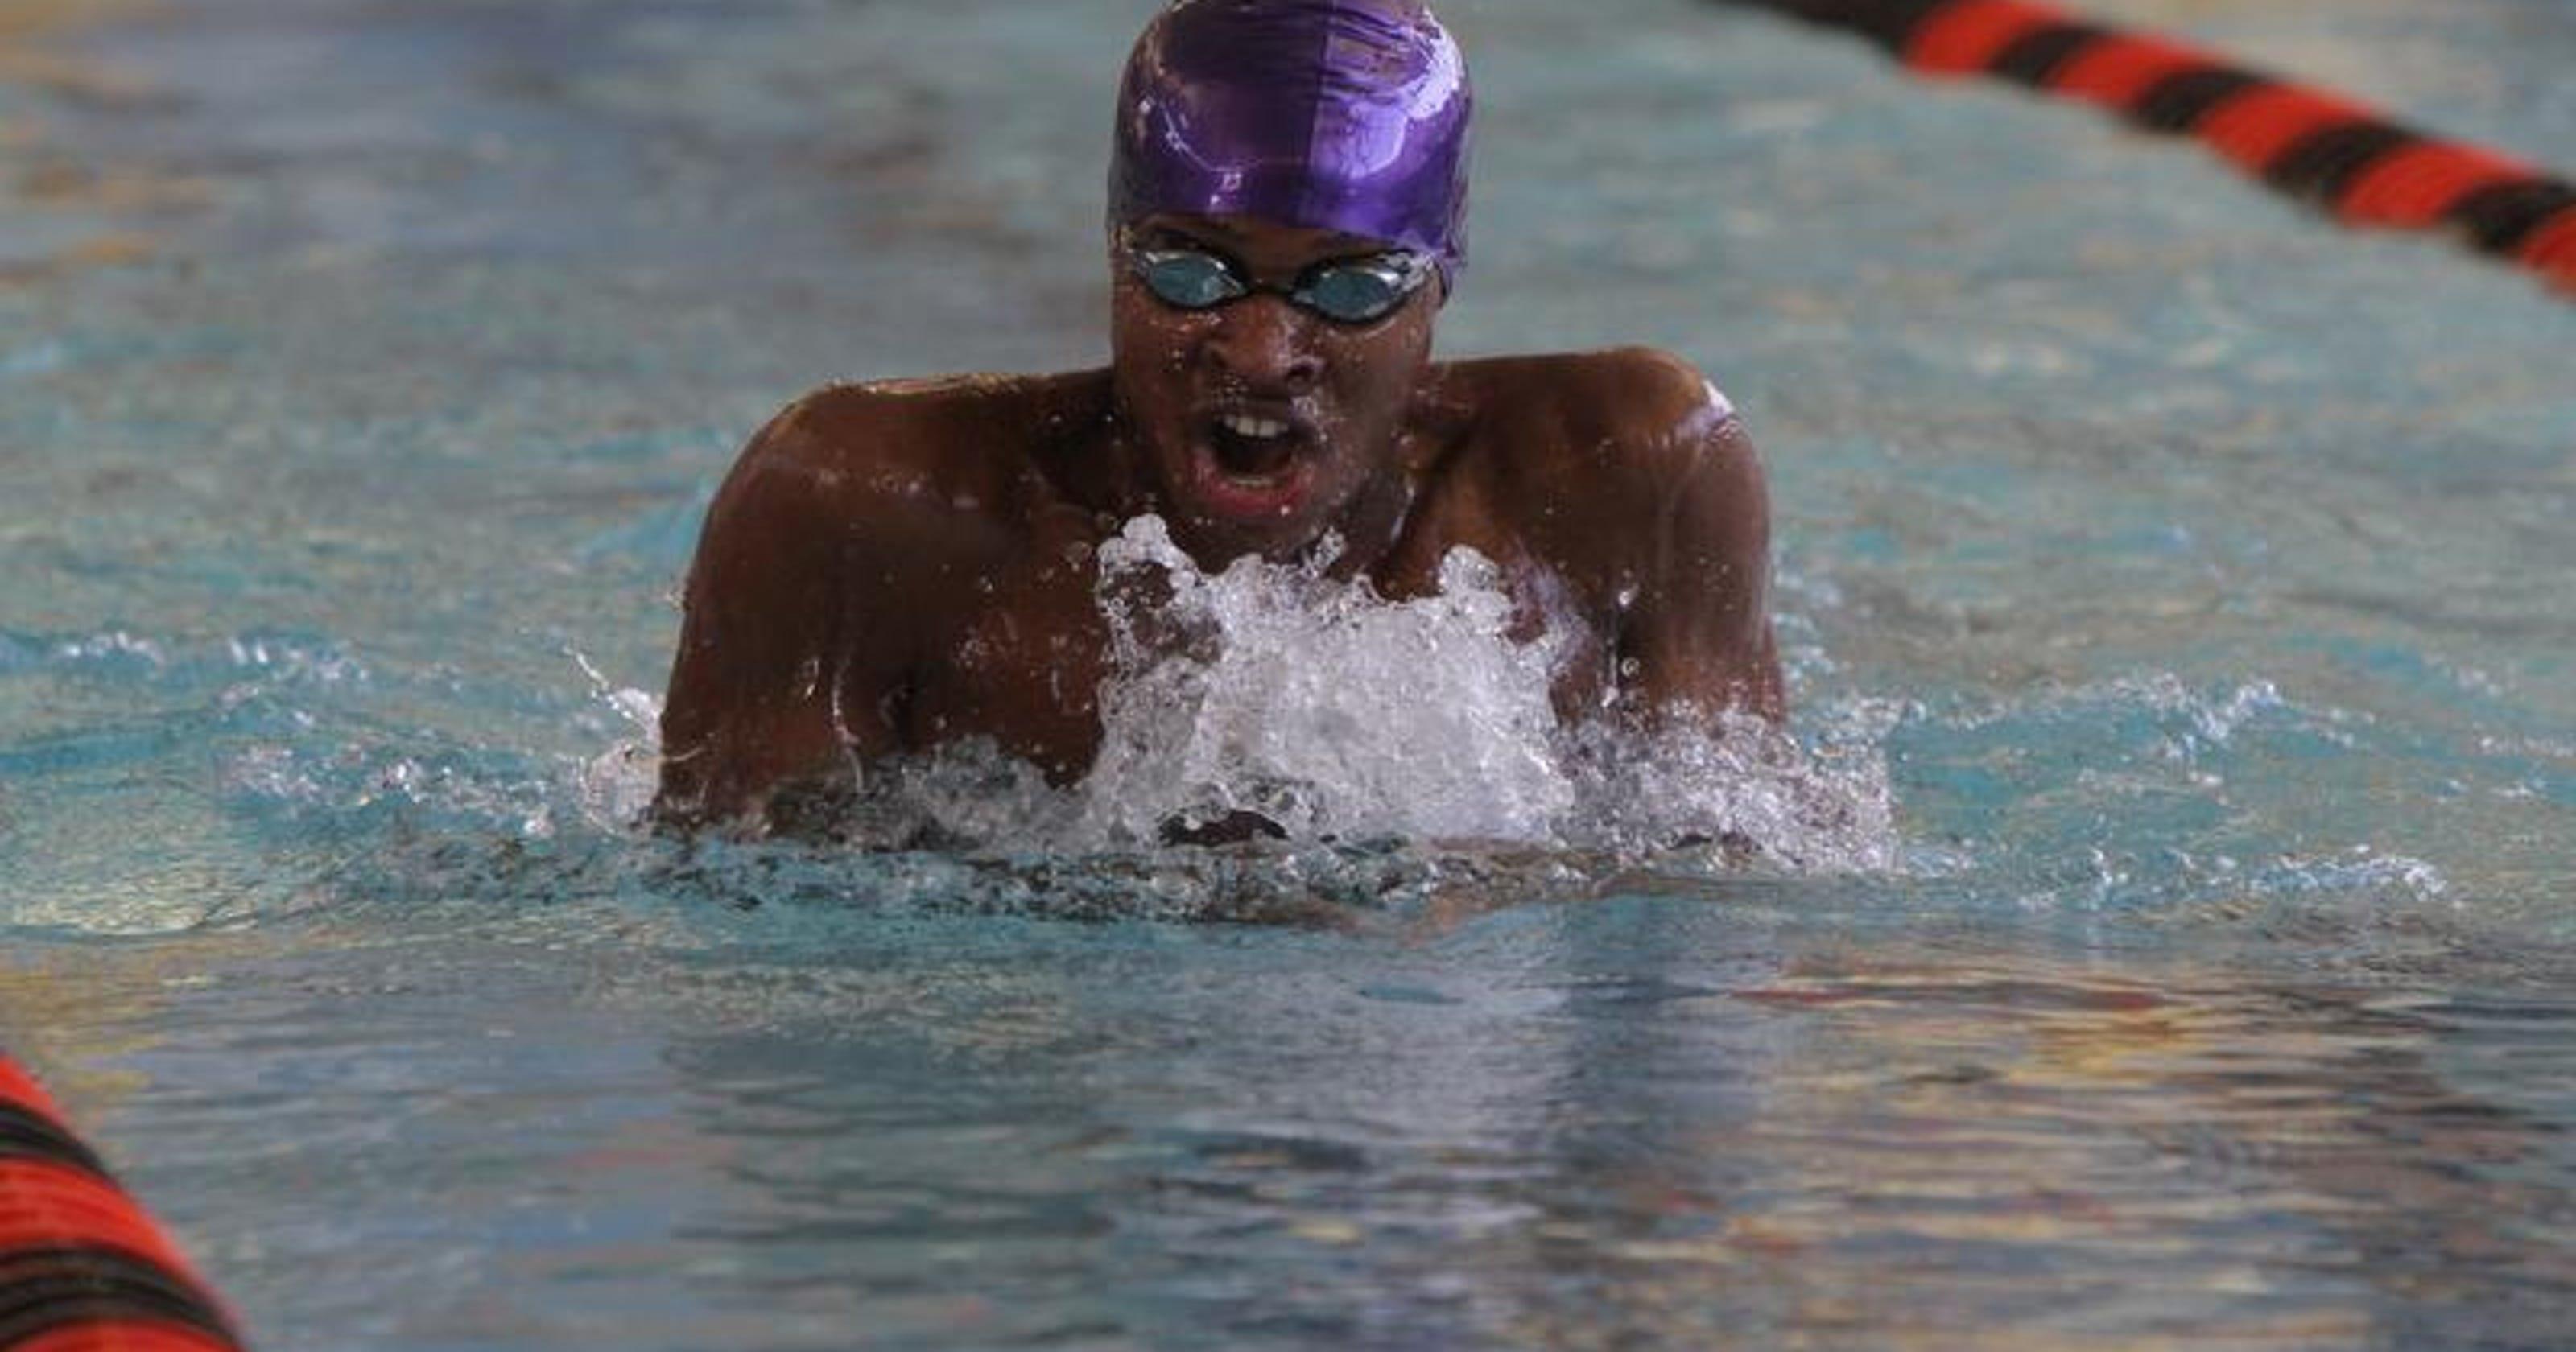 Club swim teams the key to being elite